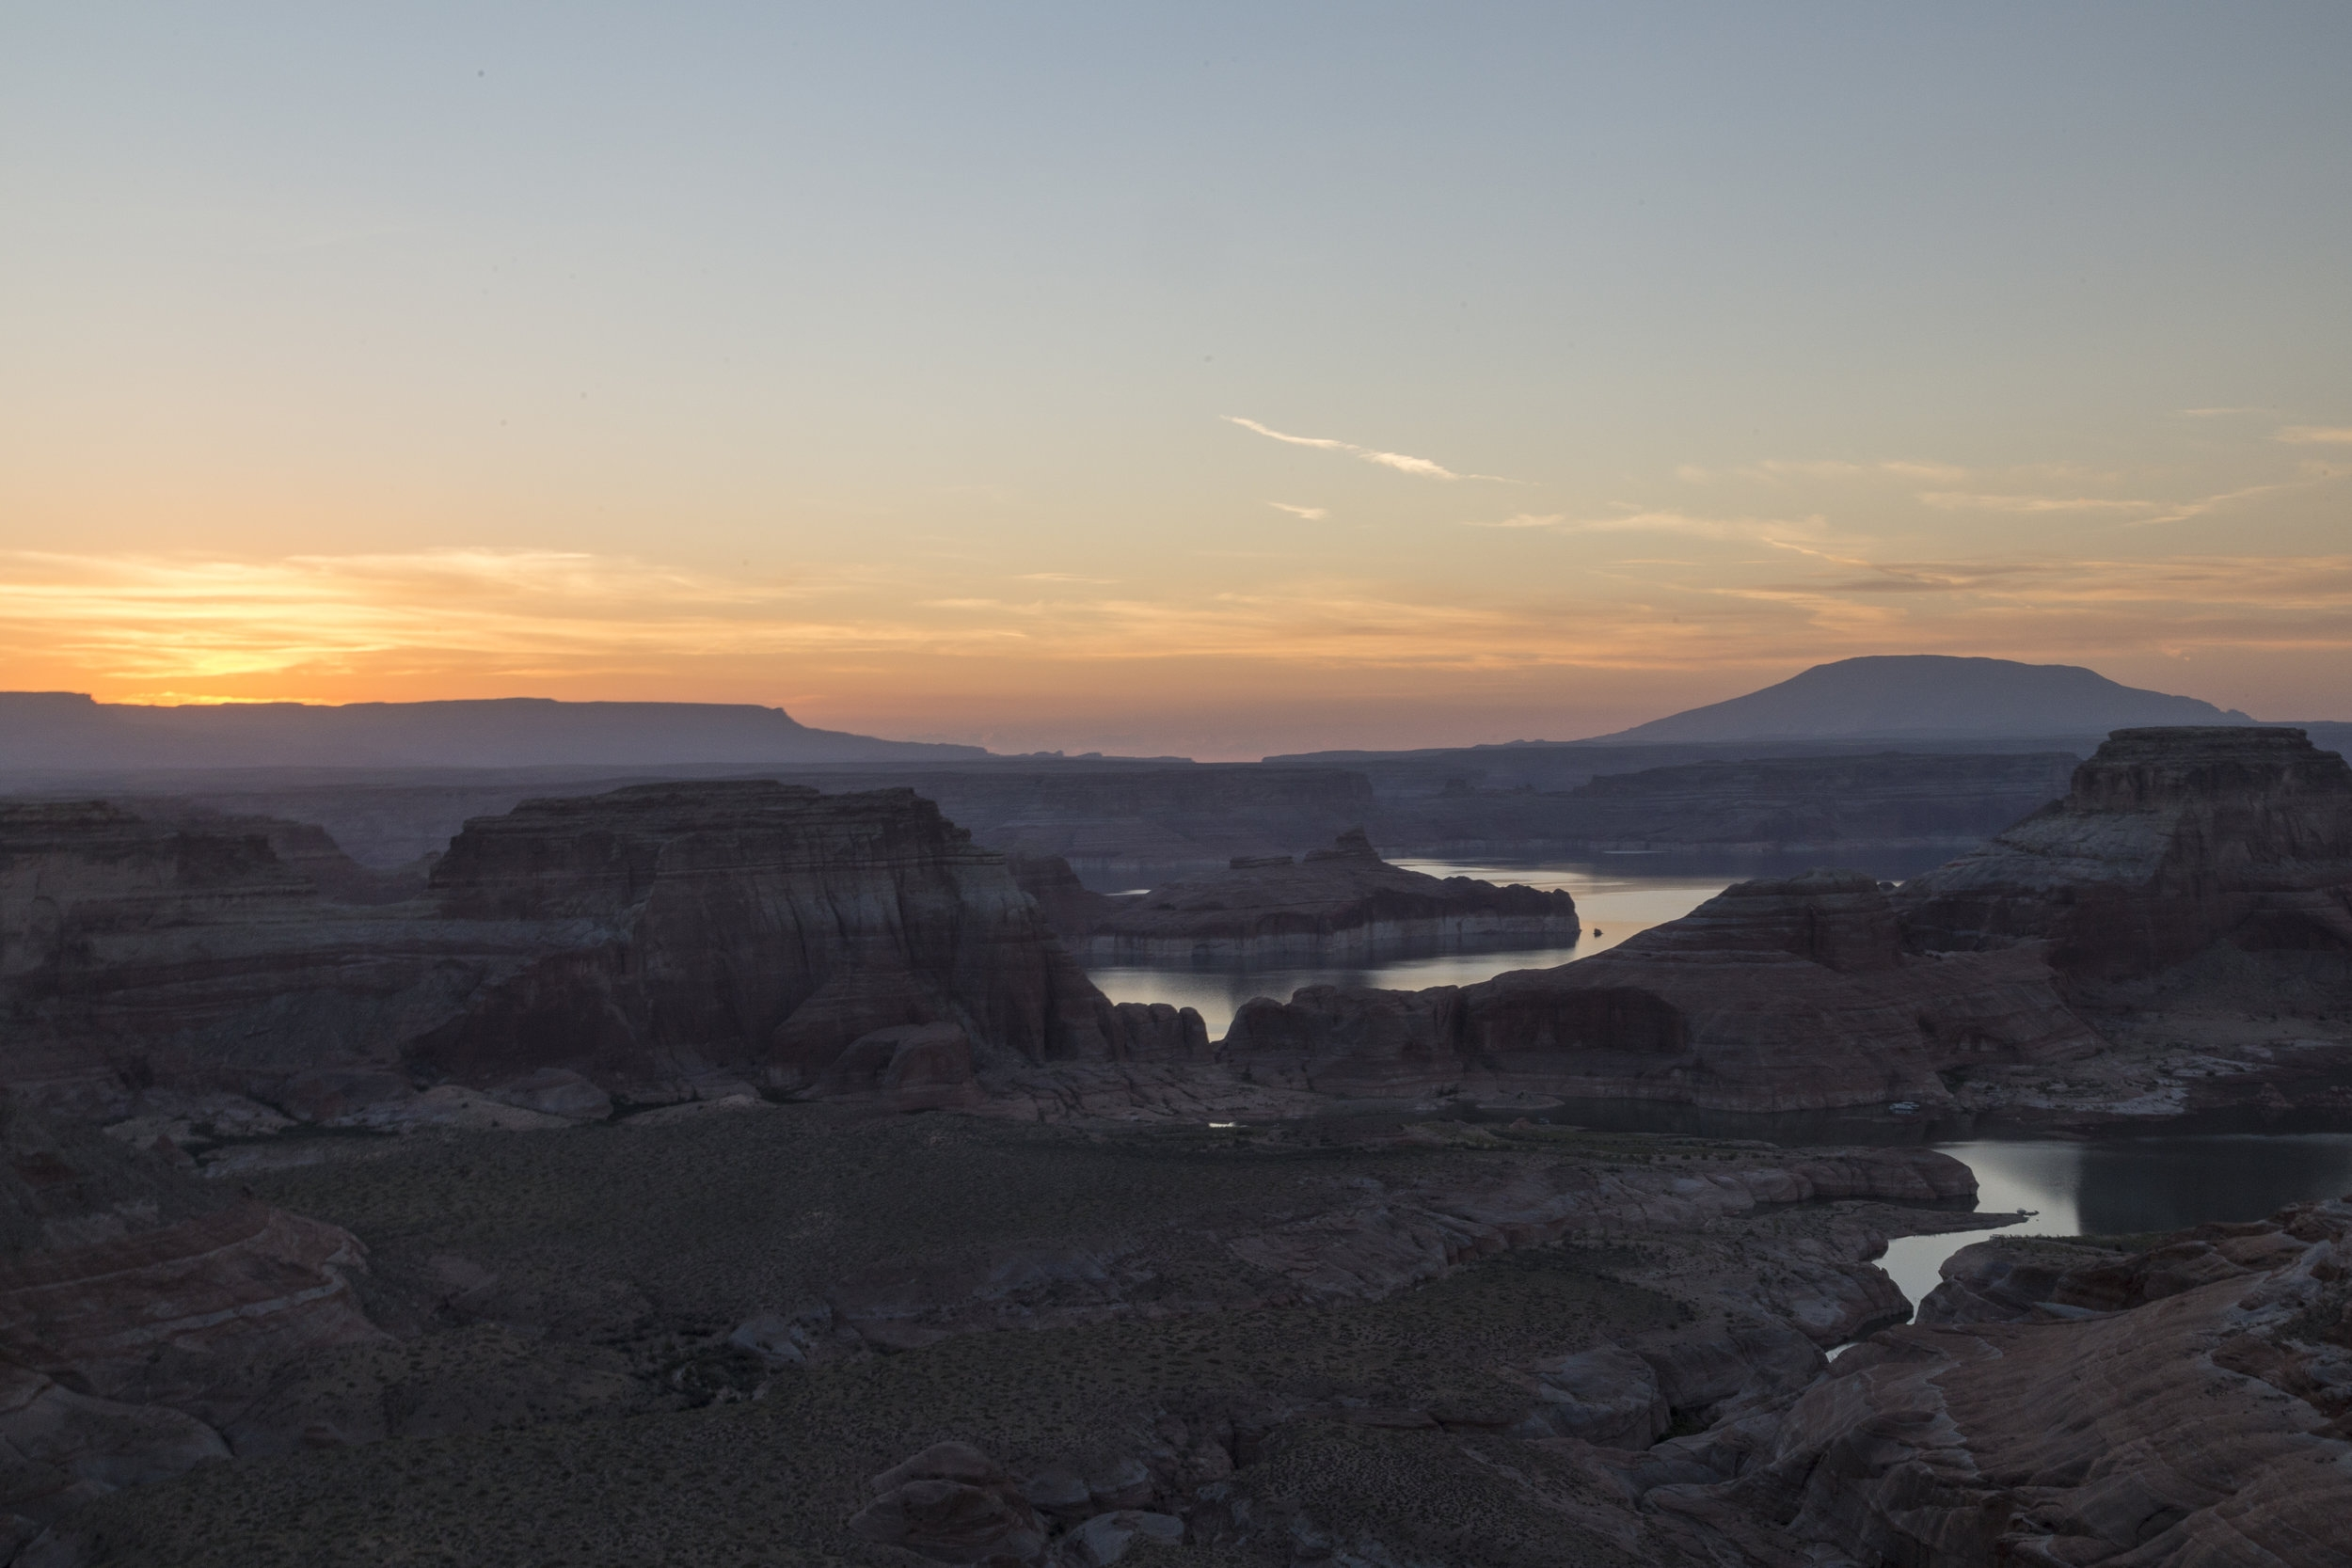 Sunrise - Glen Canyon